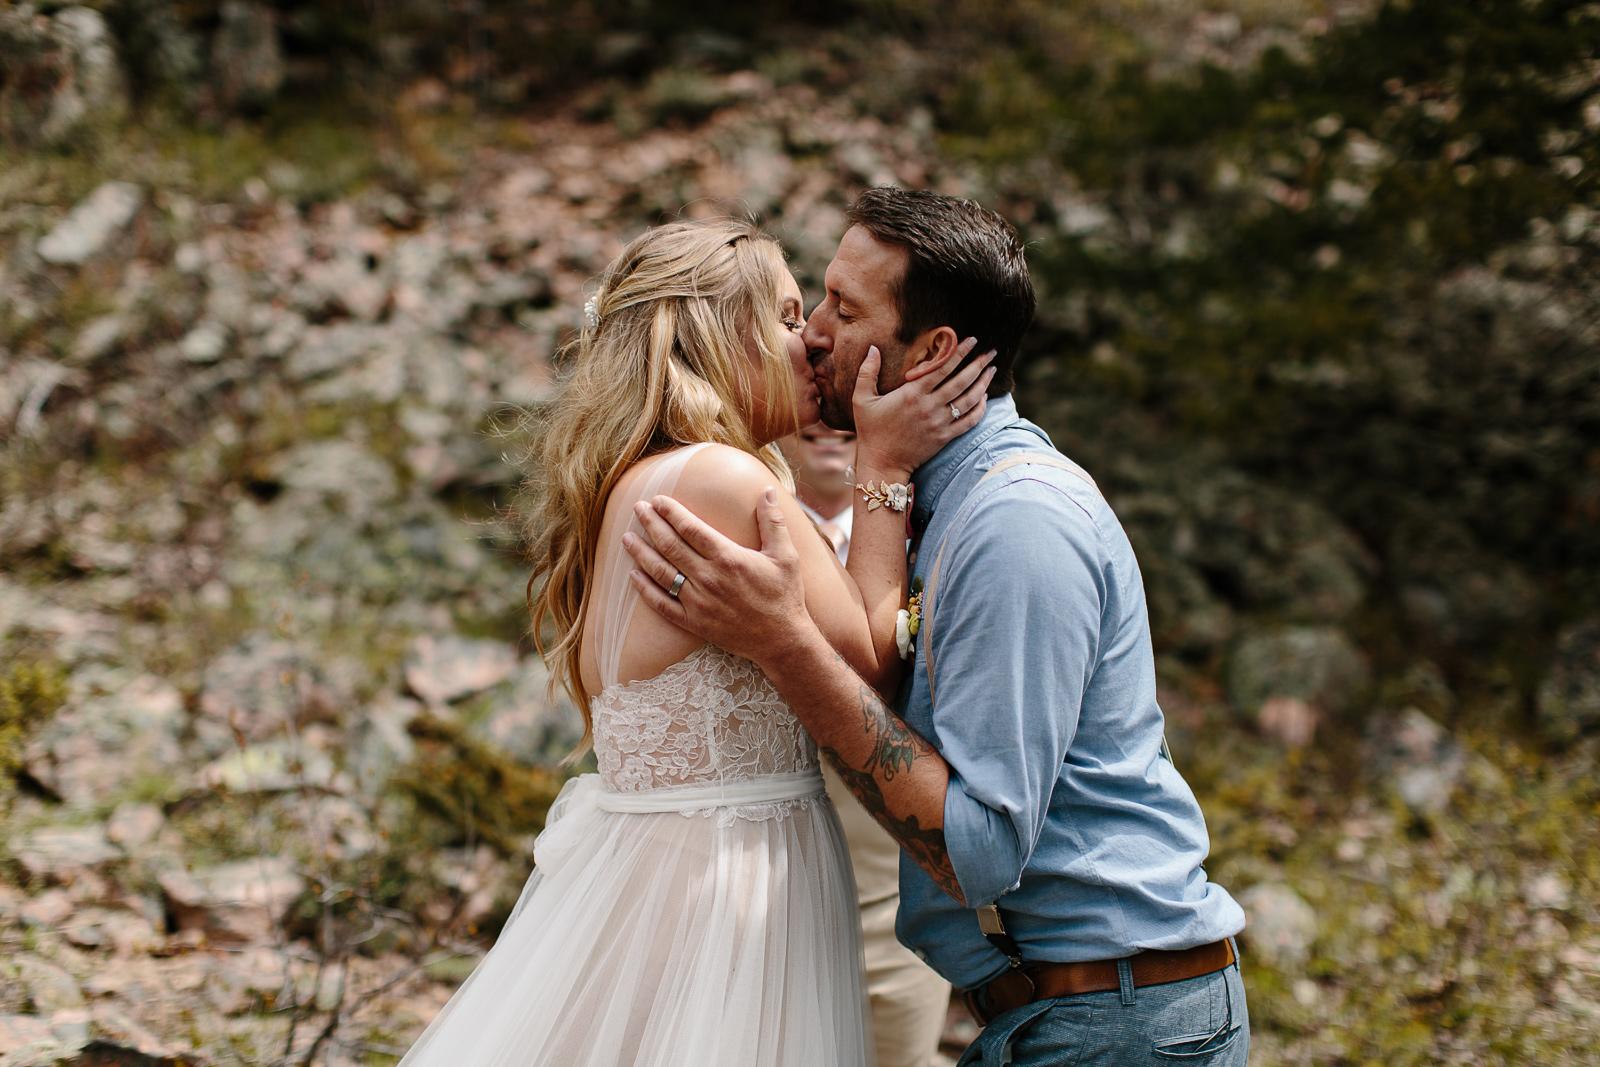 034-vail-elopement-photographer-chris-and-tara.jpg